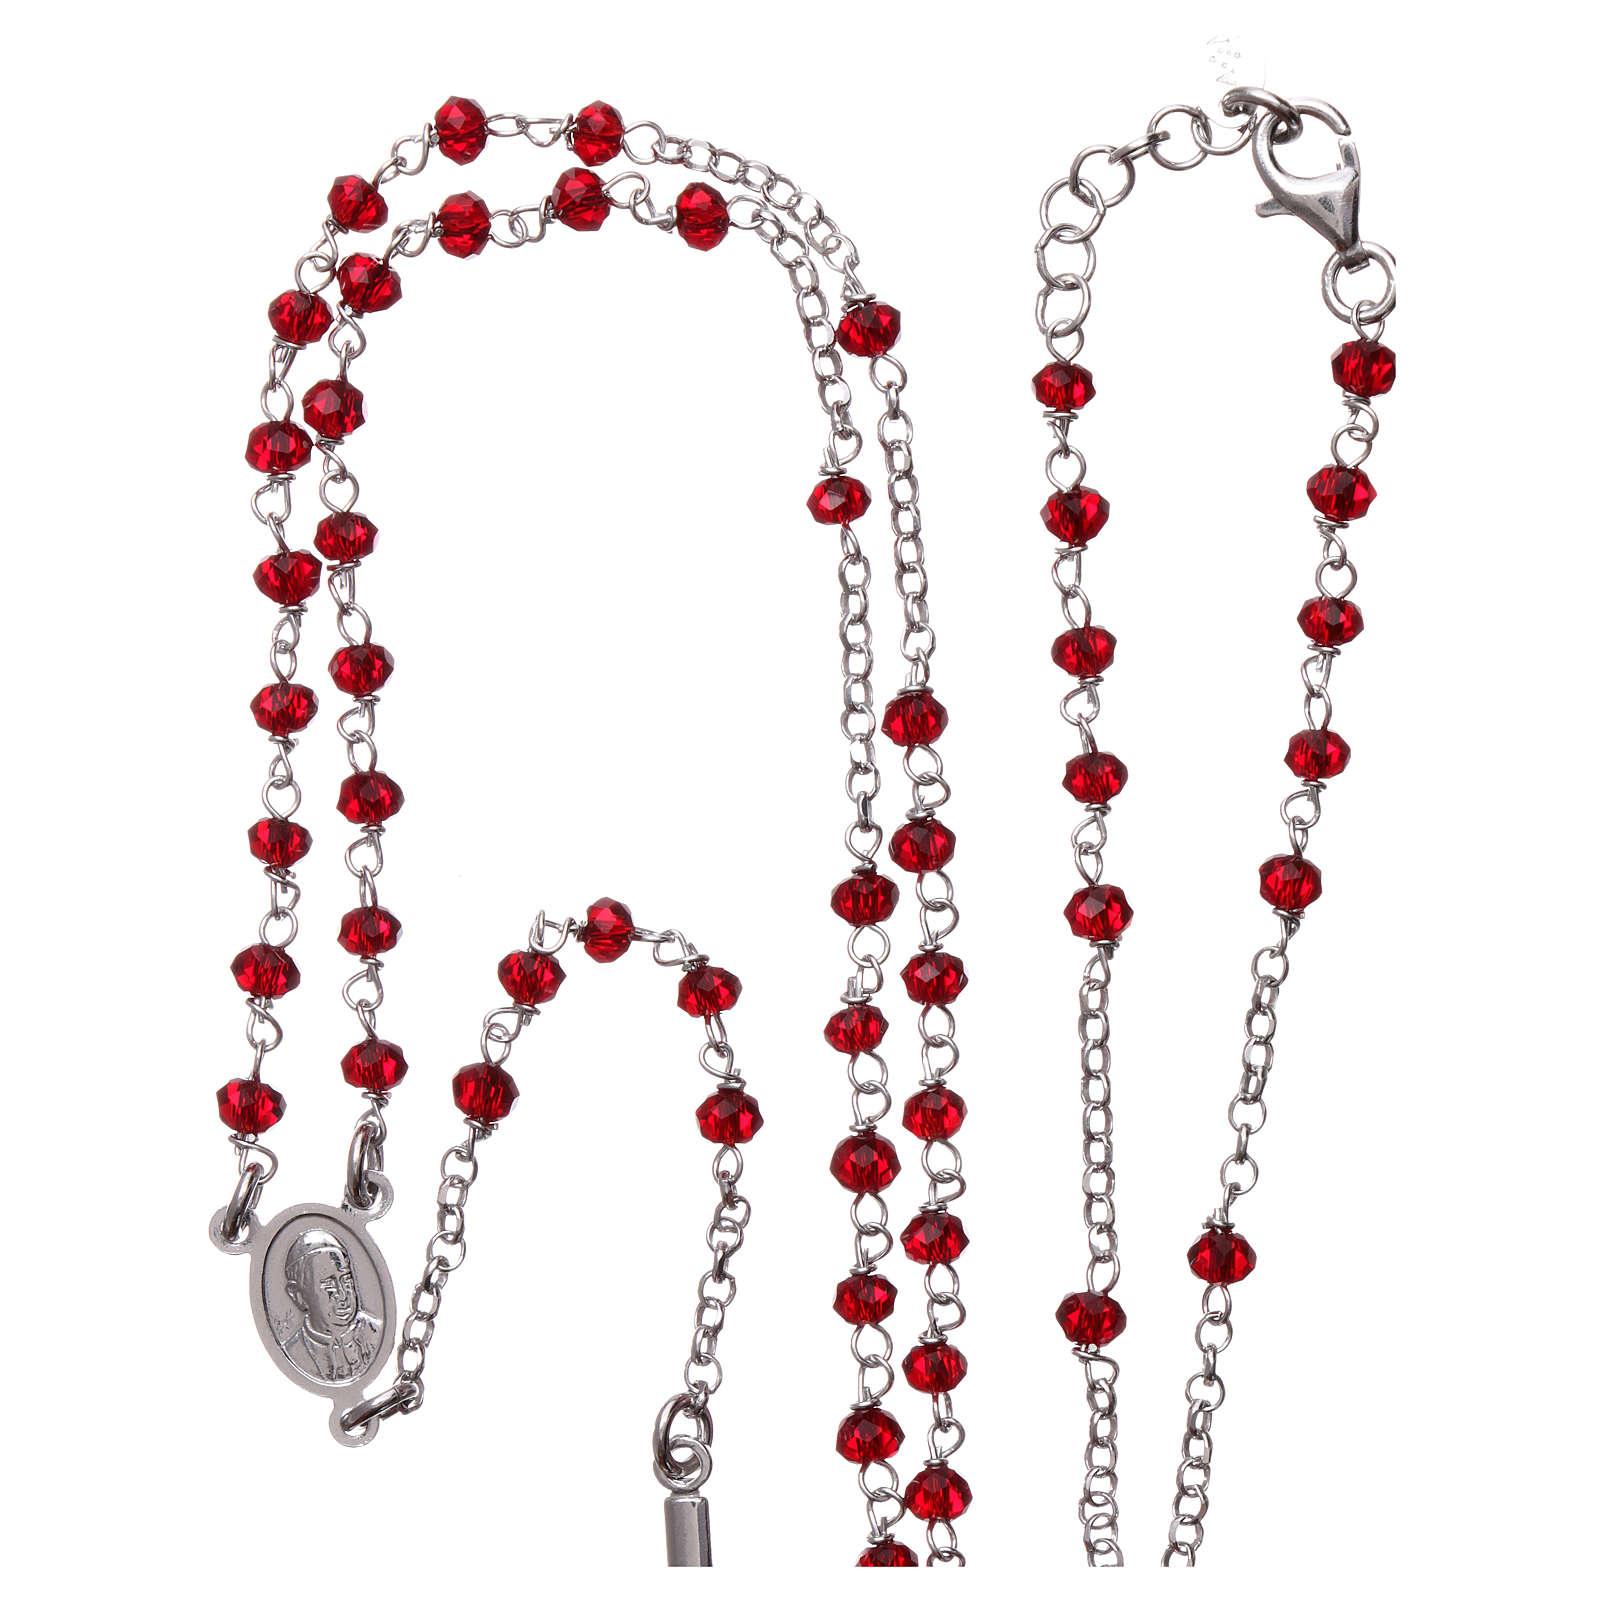 Collier chapelet AMEN classique cristaux corail arg 925 rhodié 4